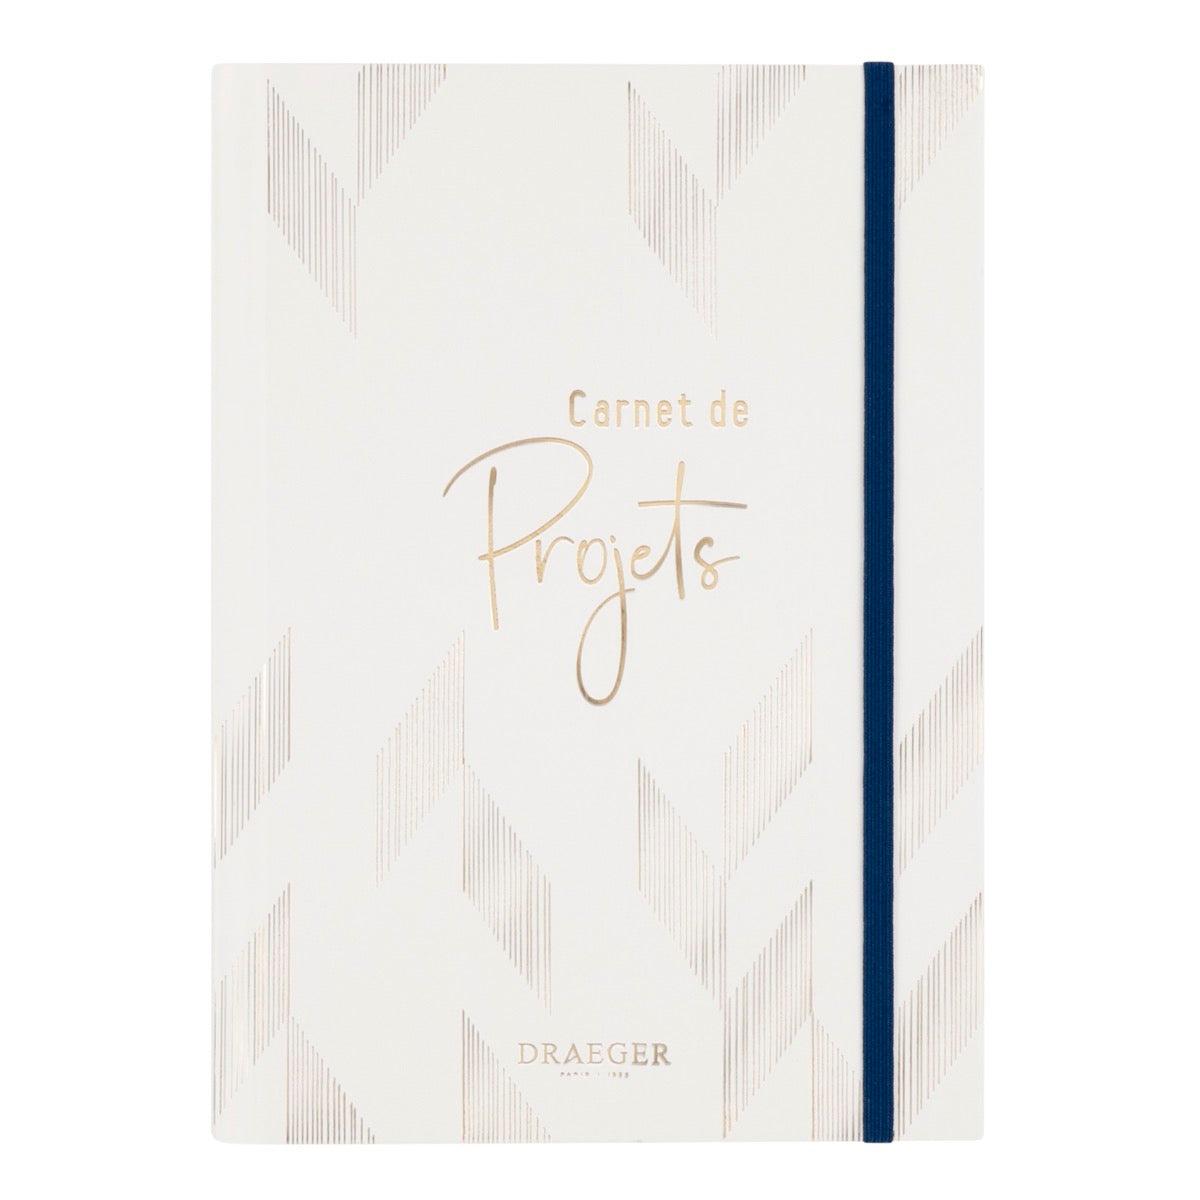 Carnet De Projets A5 - Fermeture Élastique